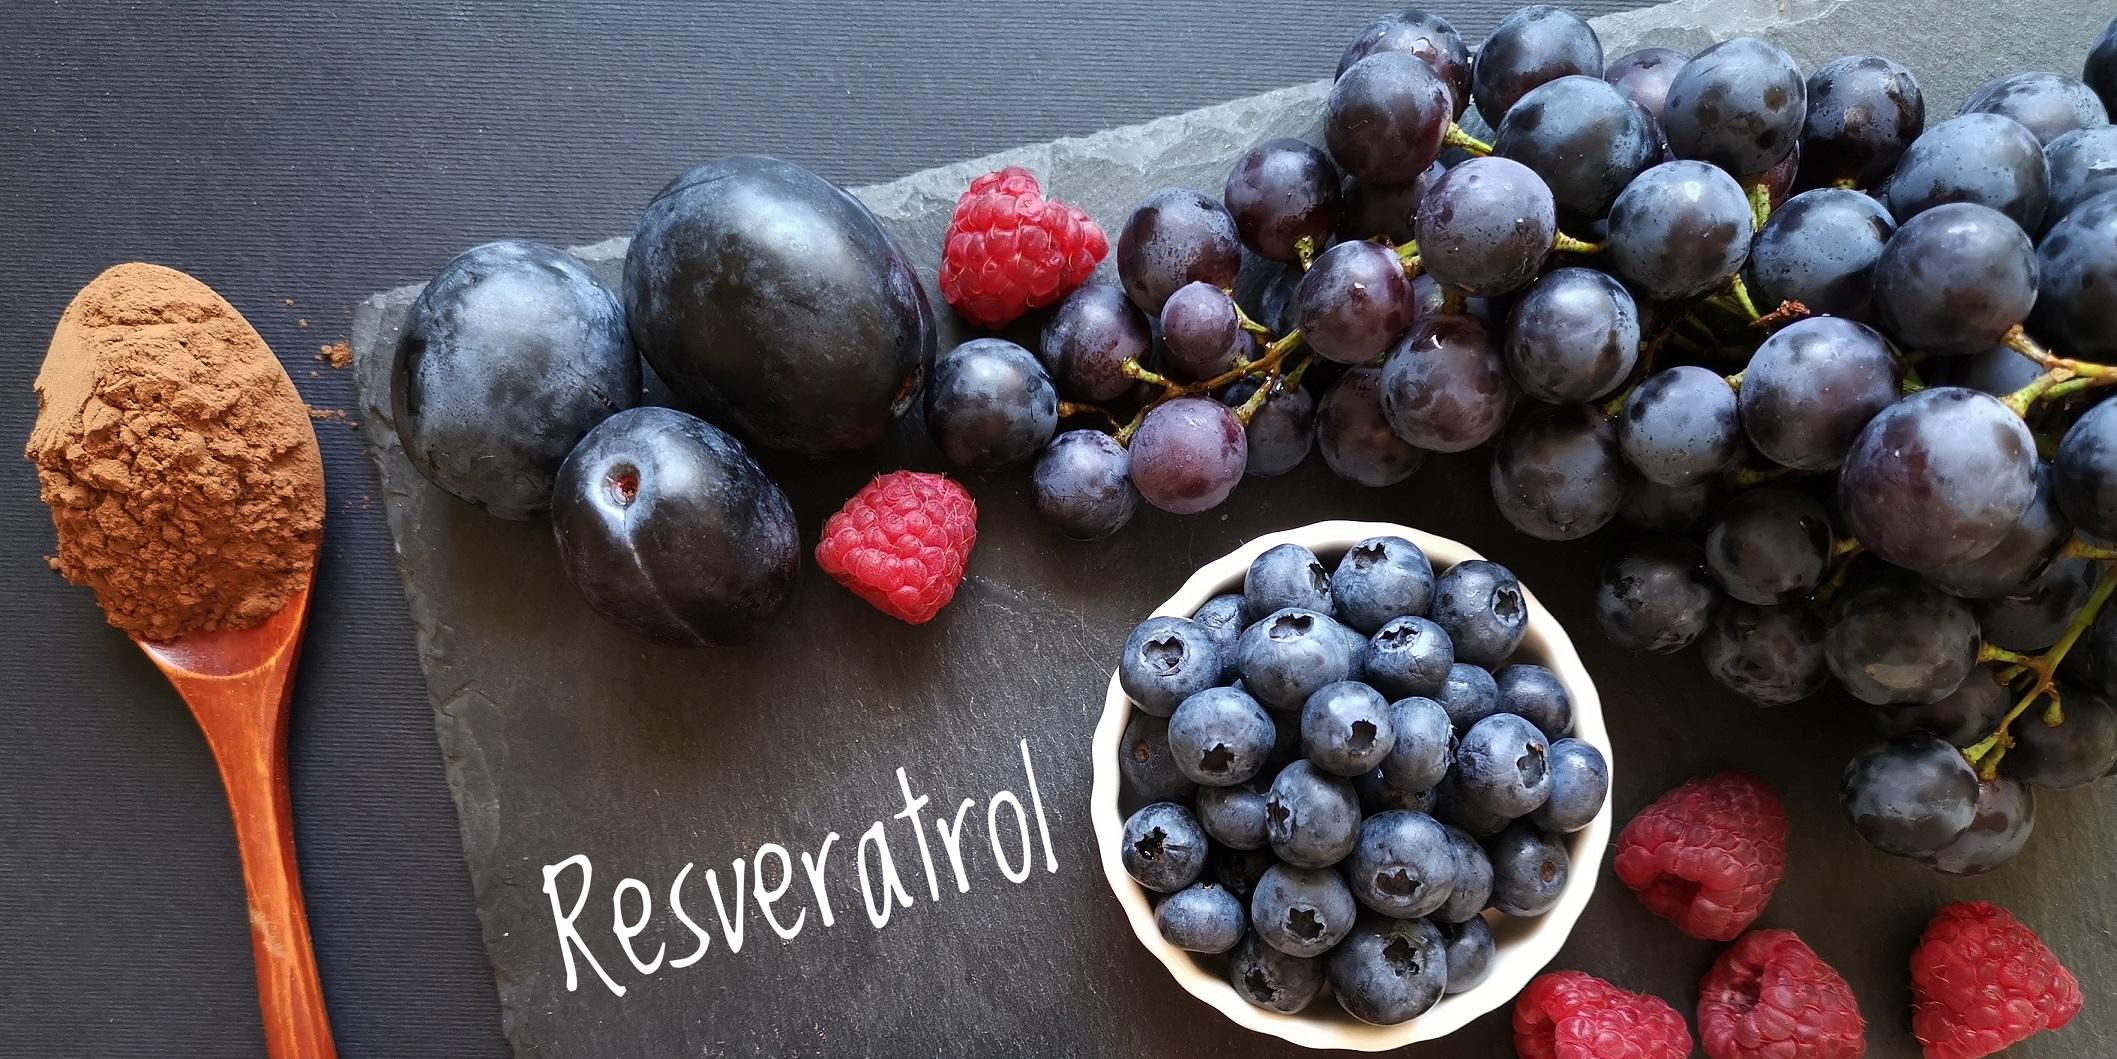 Krebs-Nat-rlicher-Wirkstoff-Resveratrol-zur-Behandlung-geeignet-